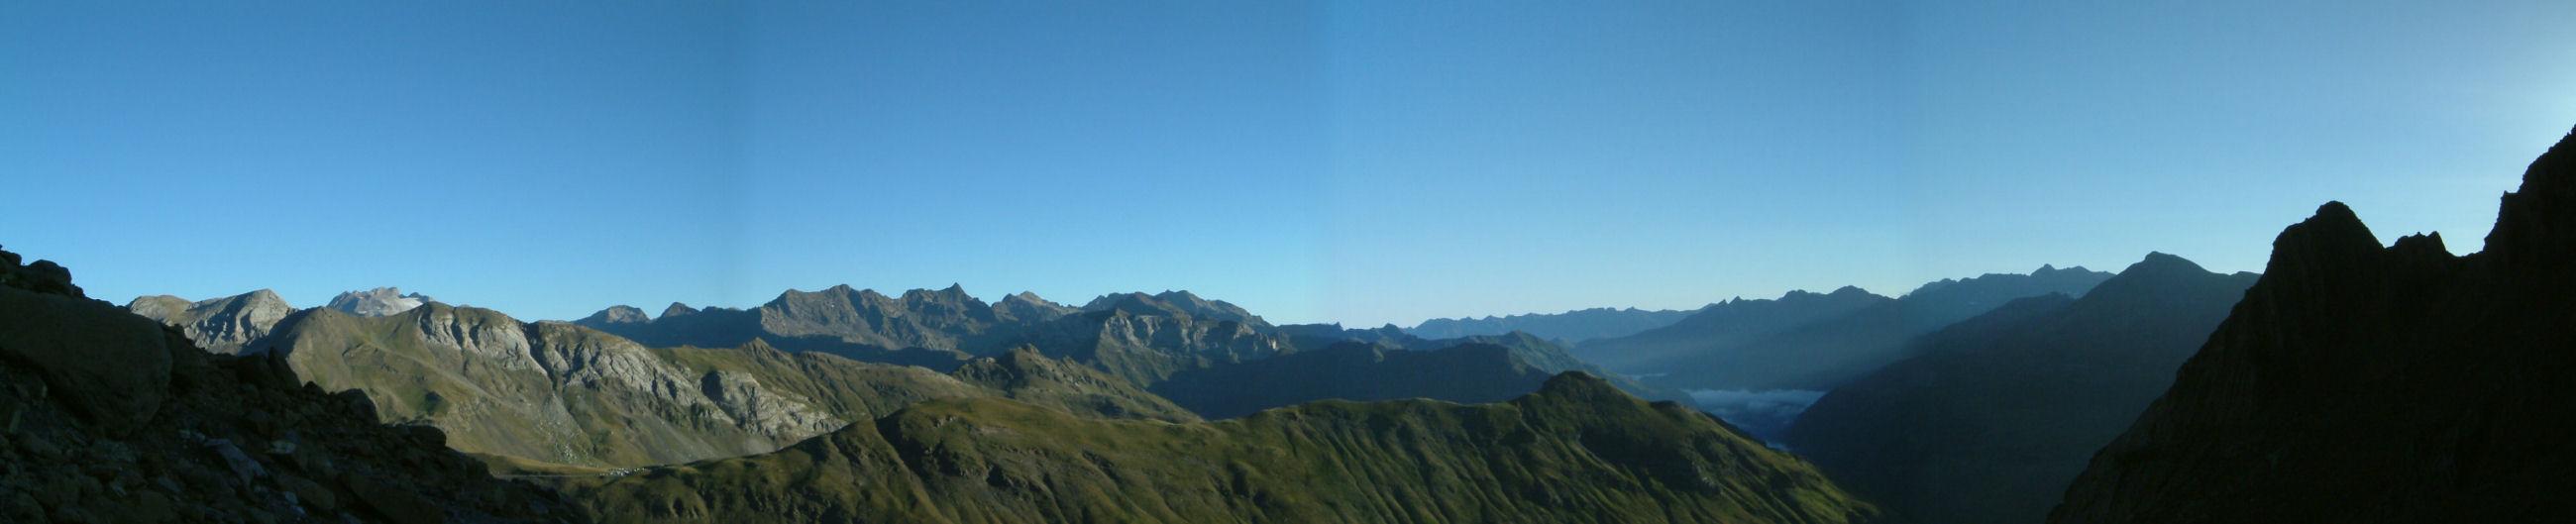 Panoramique vers la vallee de Gavarnie, le Vignemale et son glacier a gauche